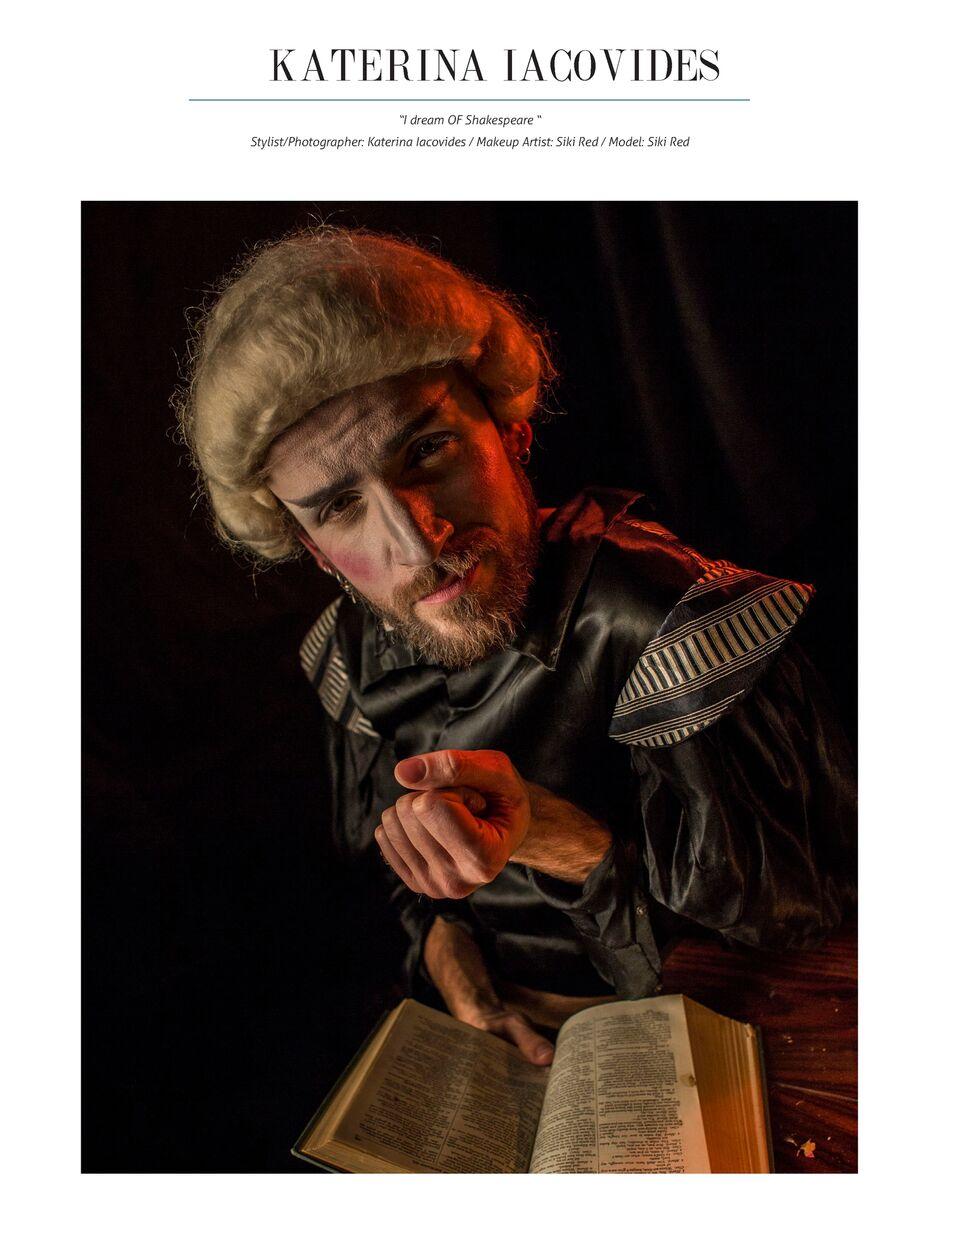 I Dream of Shakespeare -